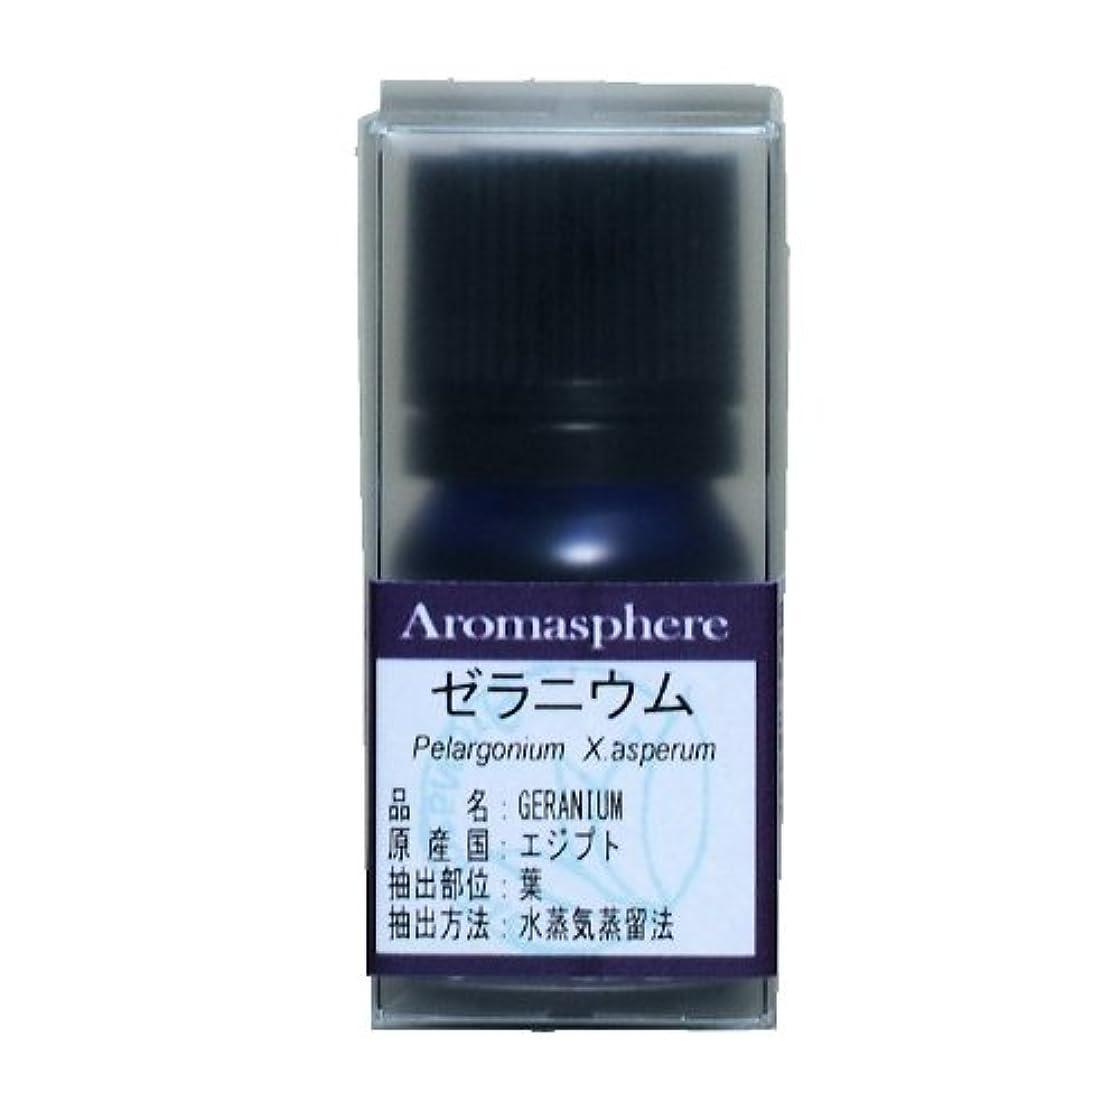 シンク毛布思慮深い【アロマスフィア】ゼラニウム 5ml エッセンシャルオイル(精油)